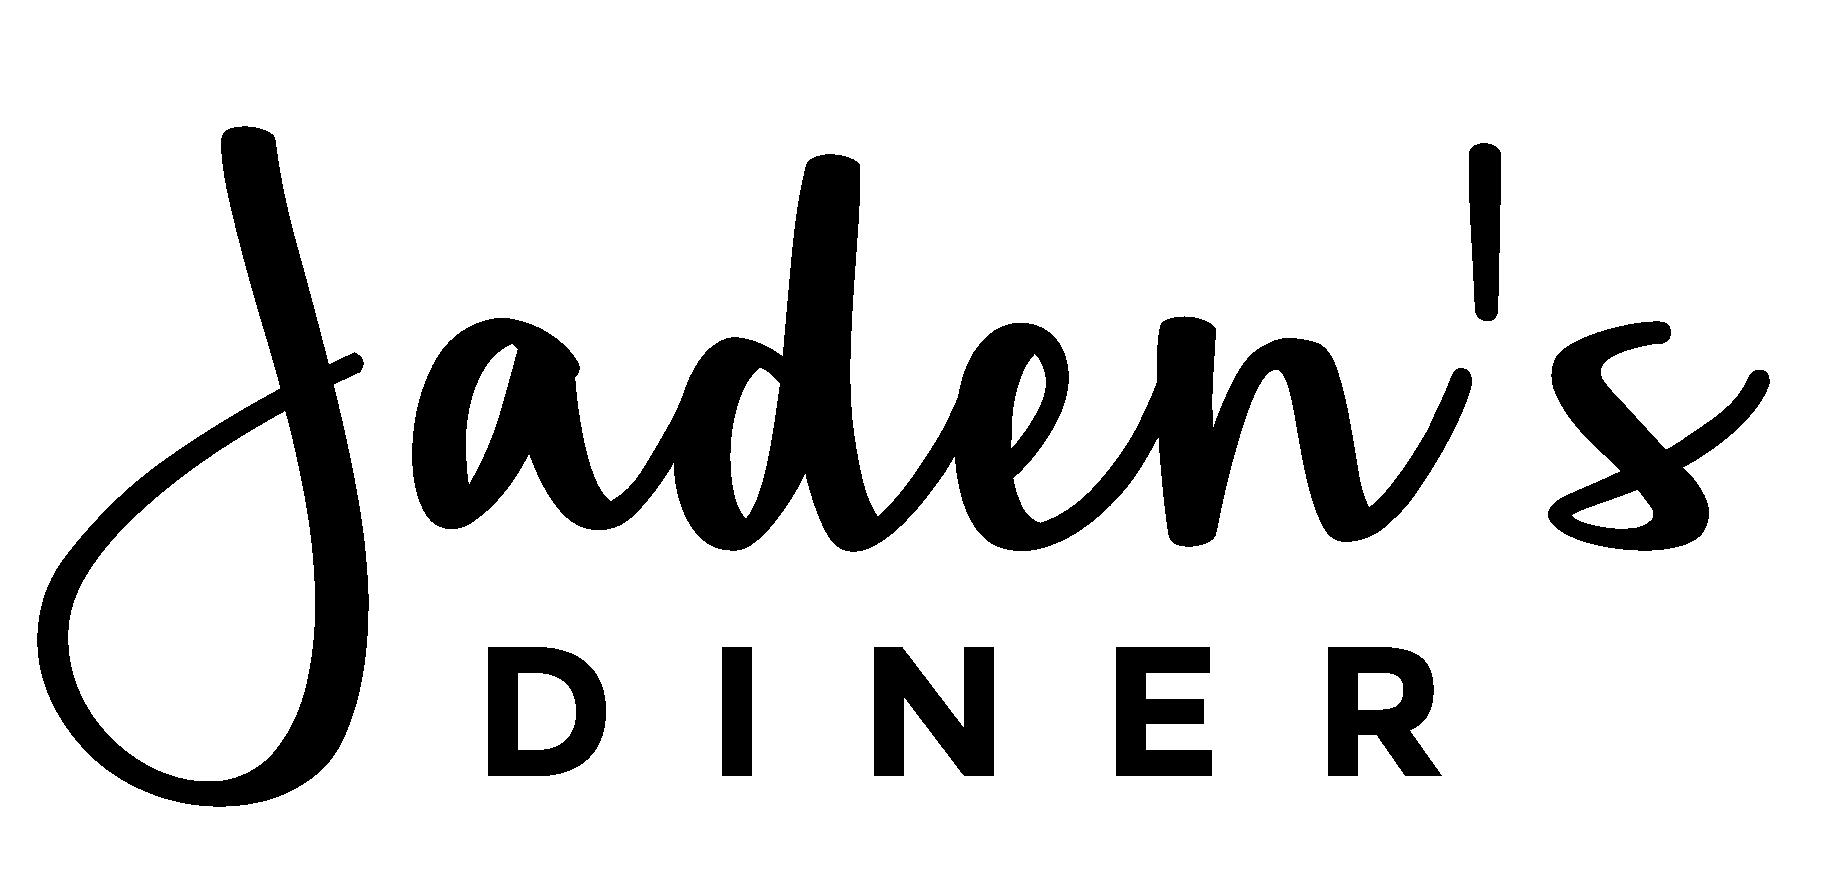 Jaden's Diner